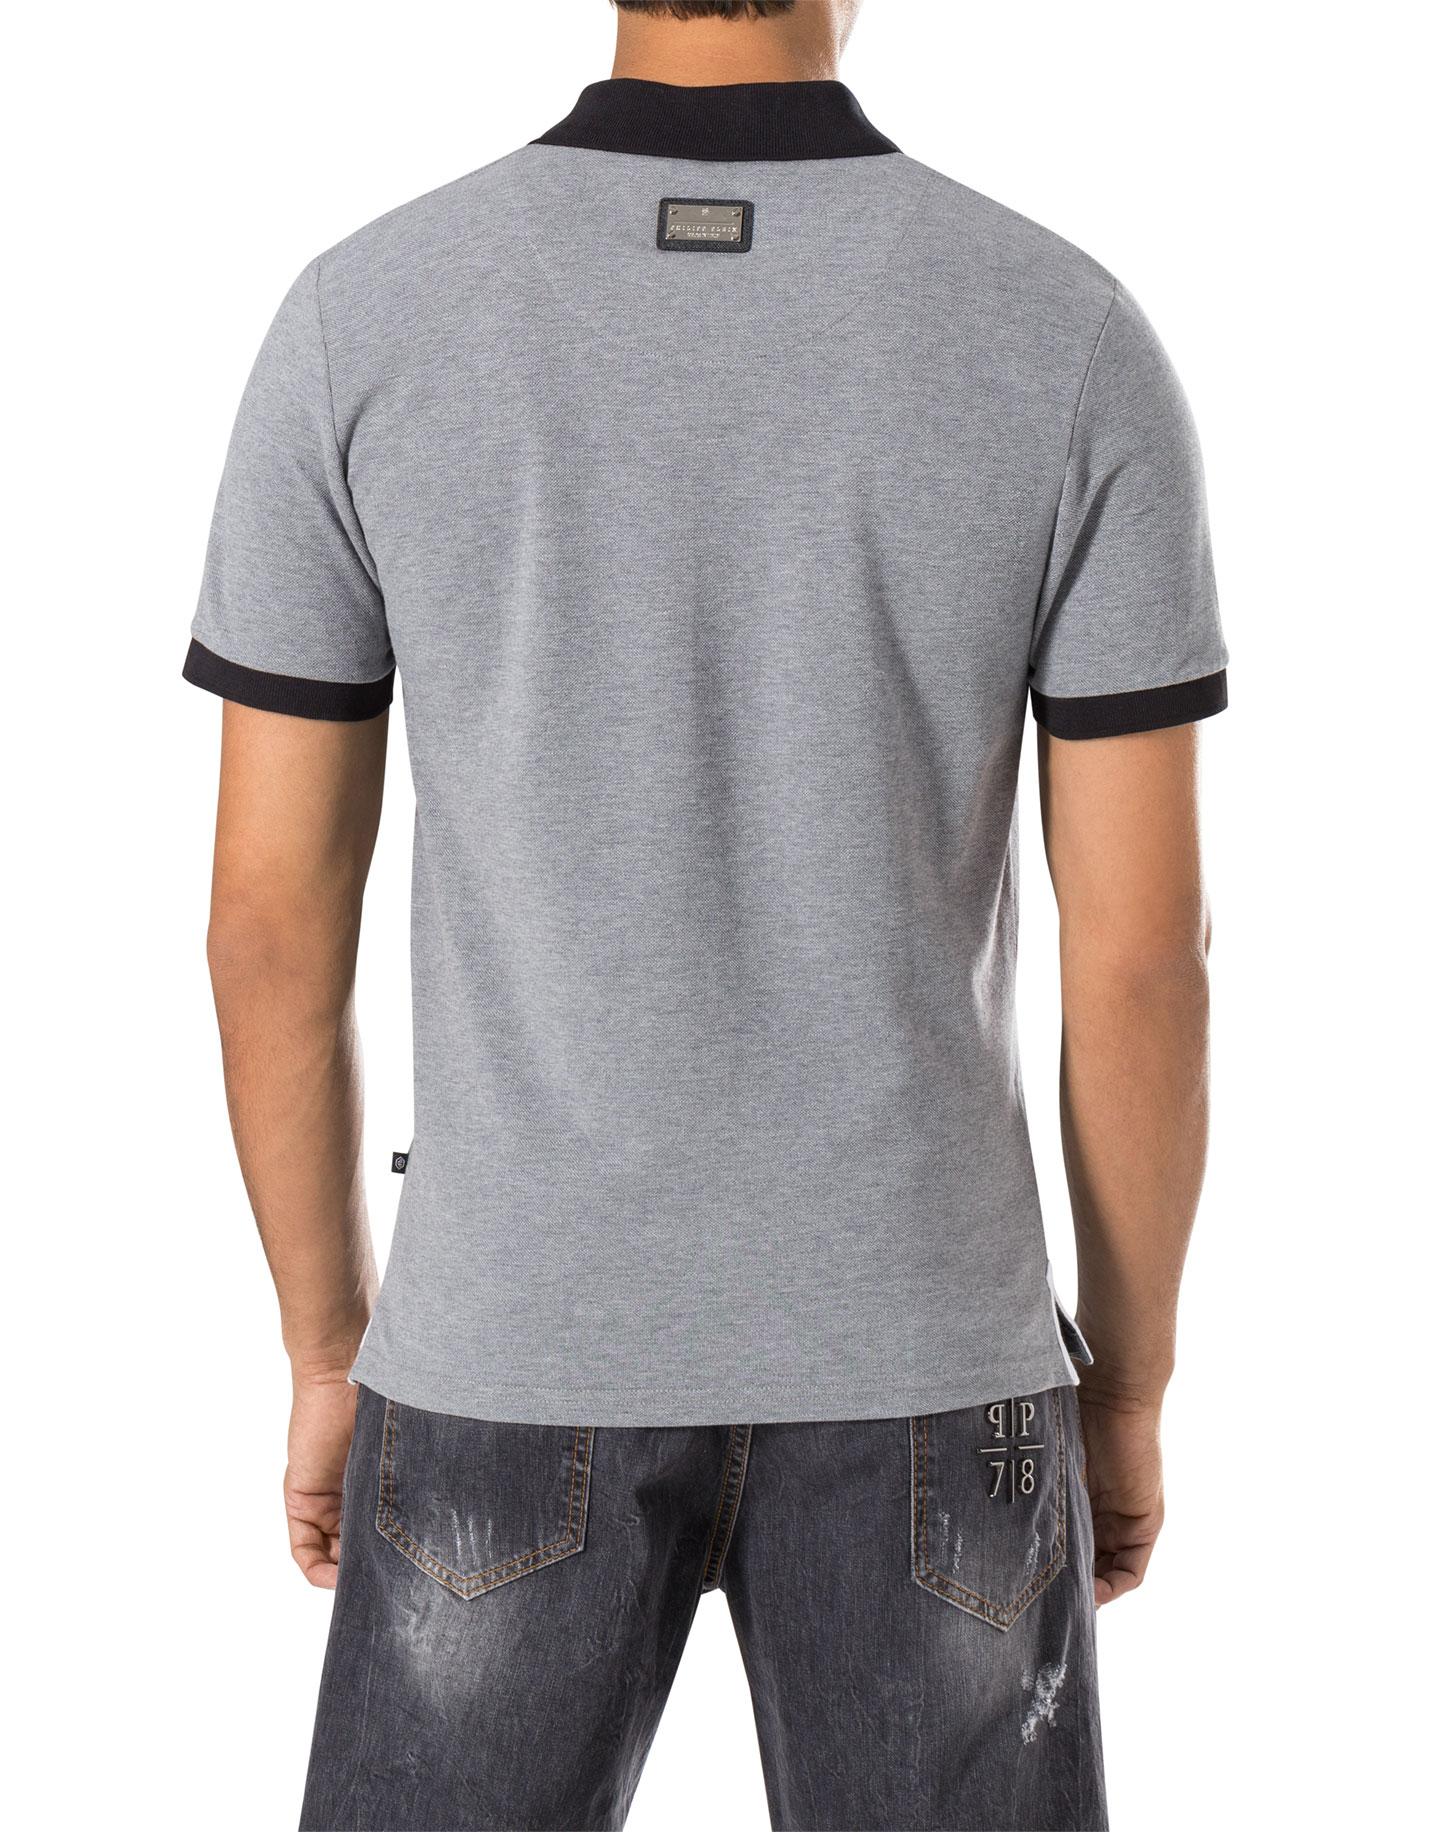 Polo Shirt Punk Is Plein Philipp Plein Outlet